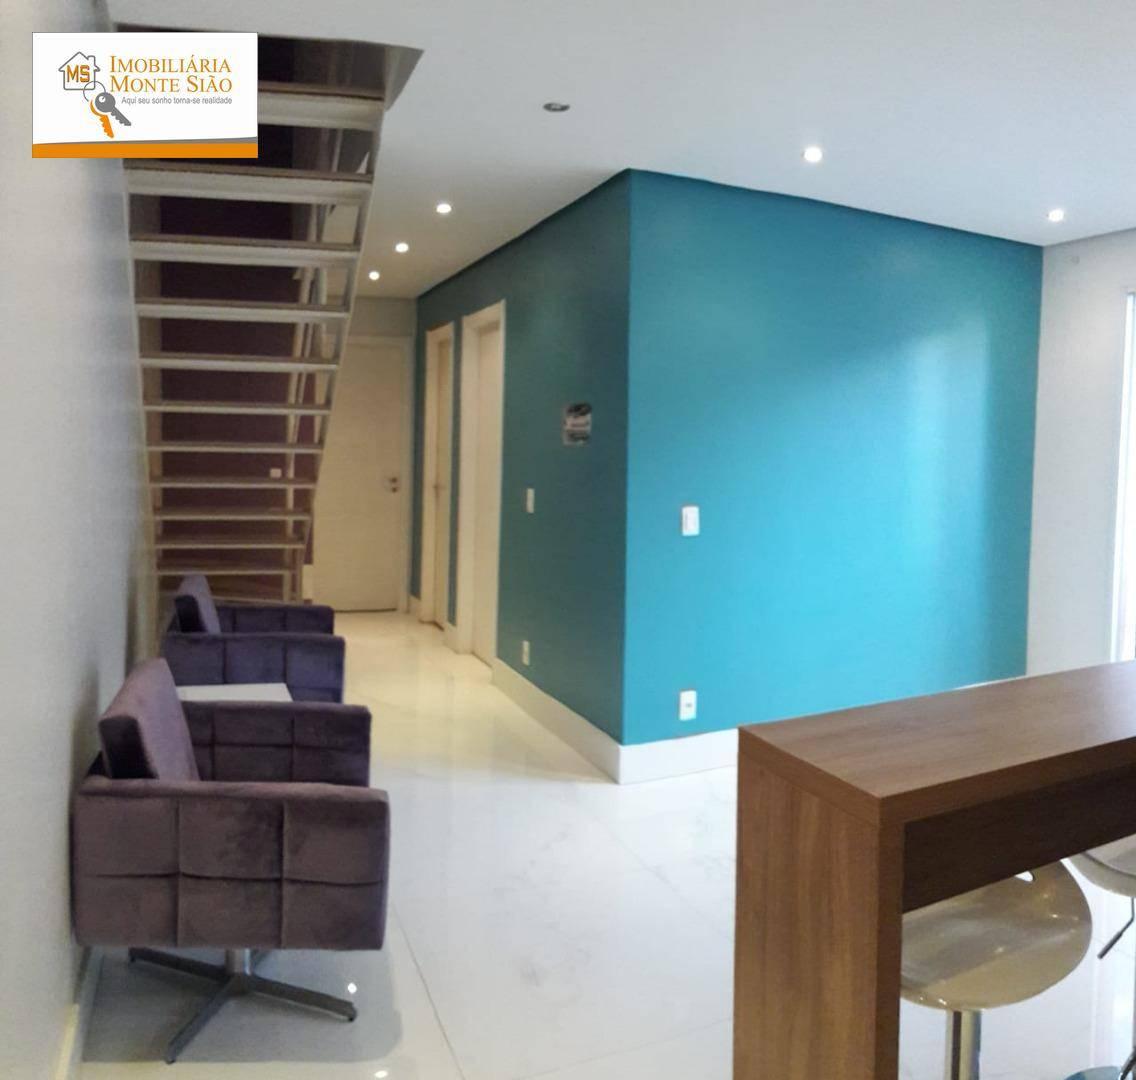 Apartamento Duplex com 2 dormitórios à venda, 118 m² por R$ 657.000,00 - Vila Augusta - Guarulhos/SP